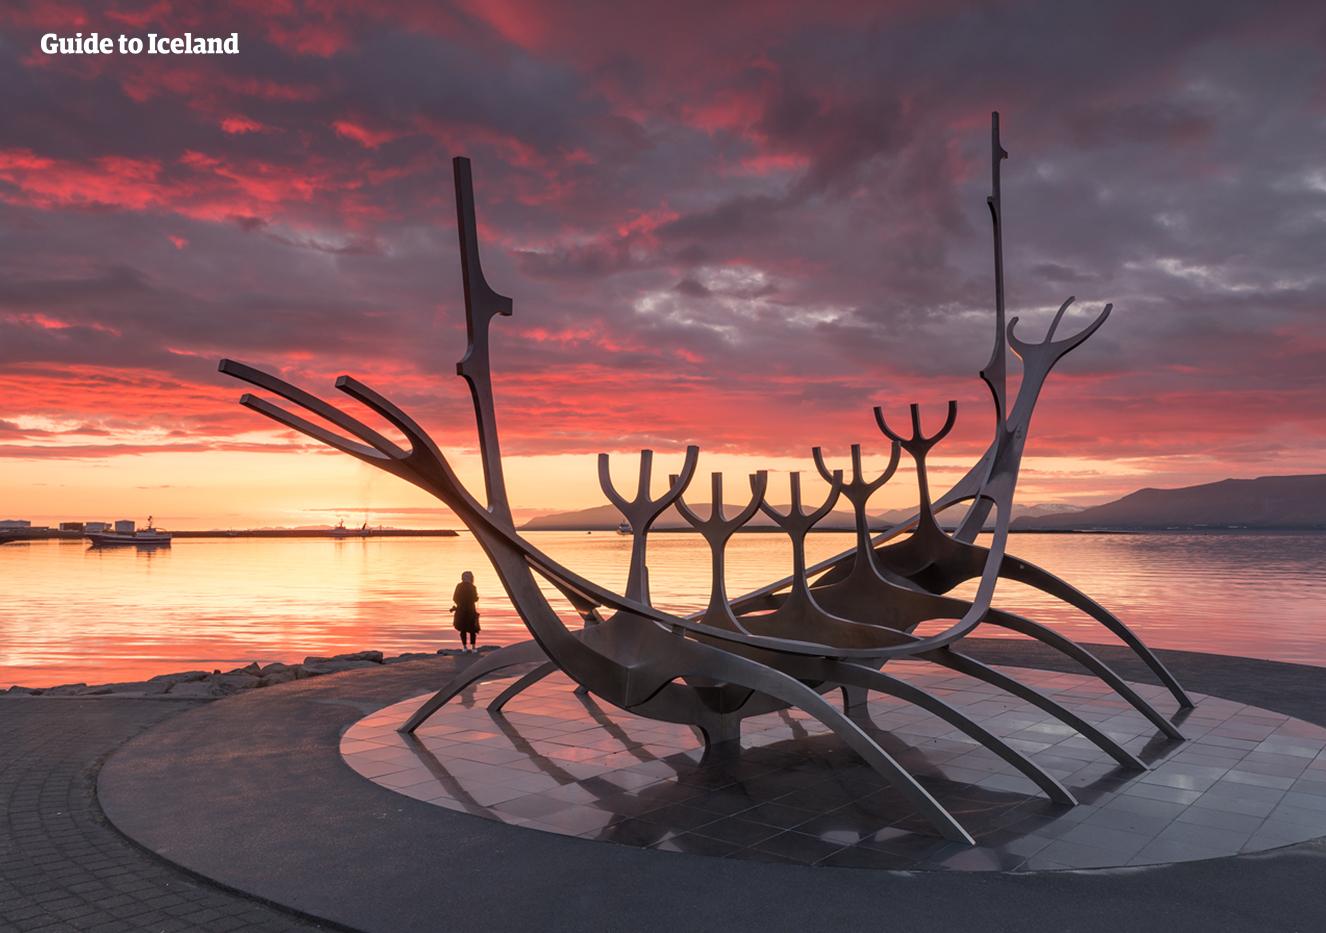 Autotour de 8 jours | Tour de l'Islande en camping - day 1